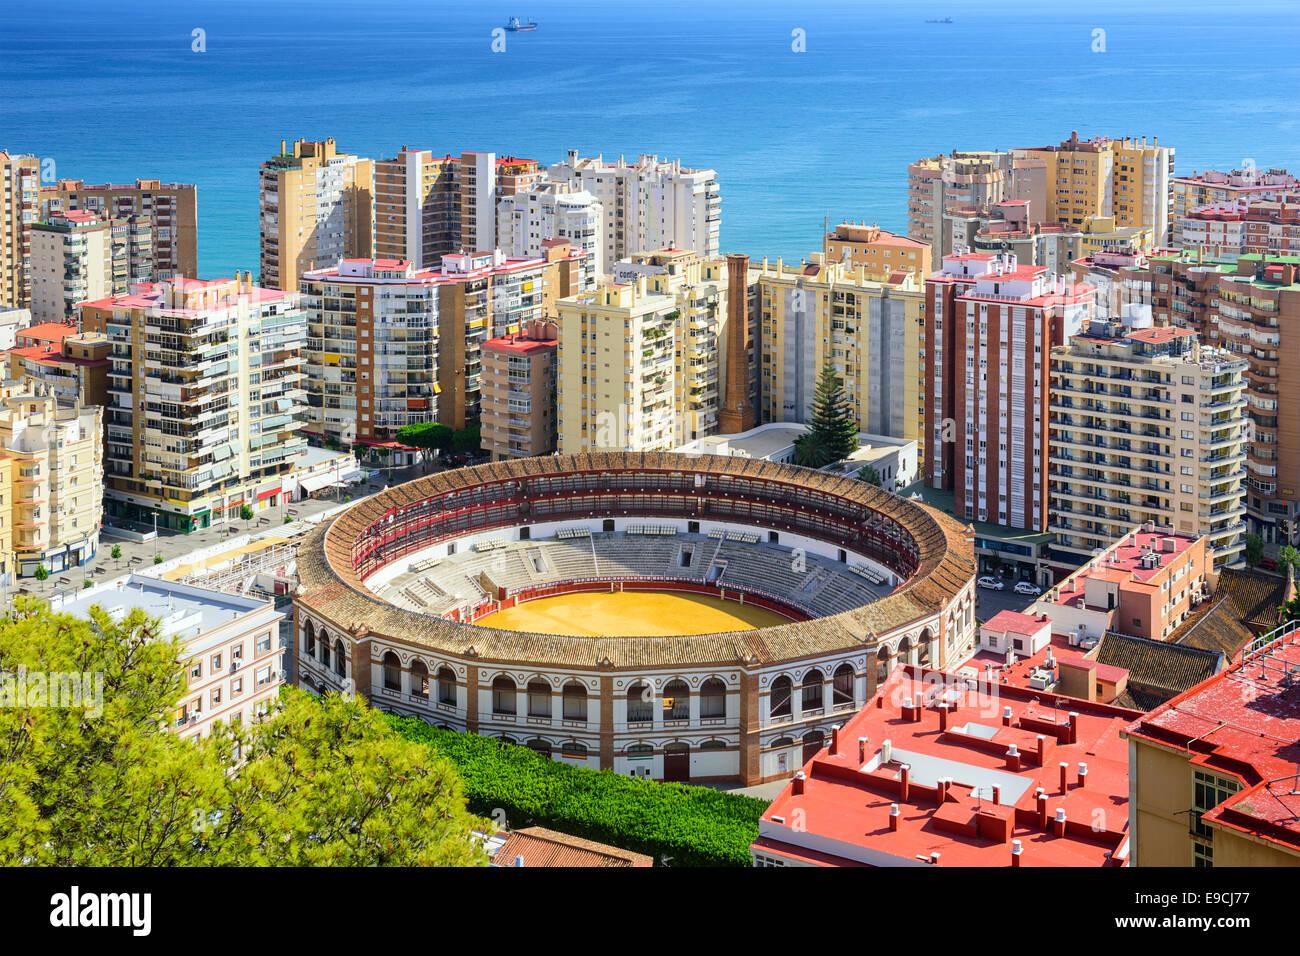 Malaga, Espagne cityscape à l'arène. Photo Stock